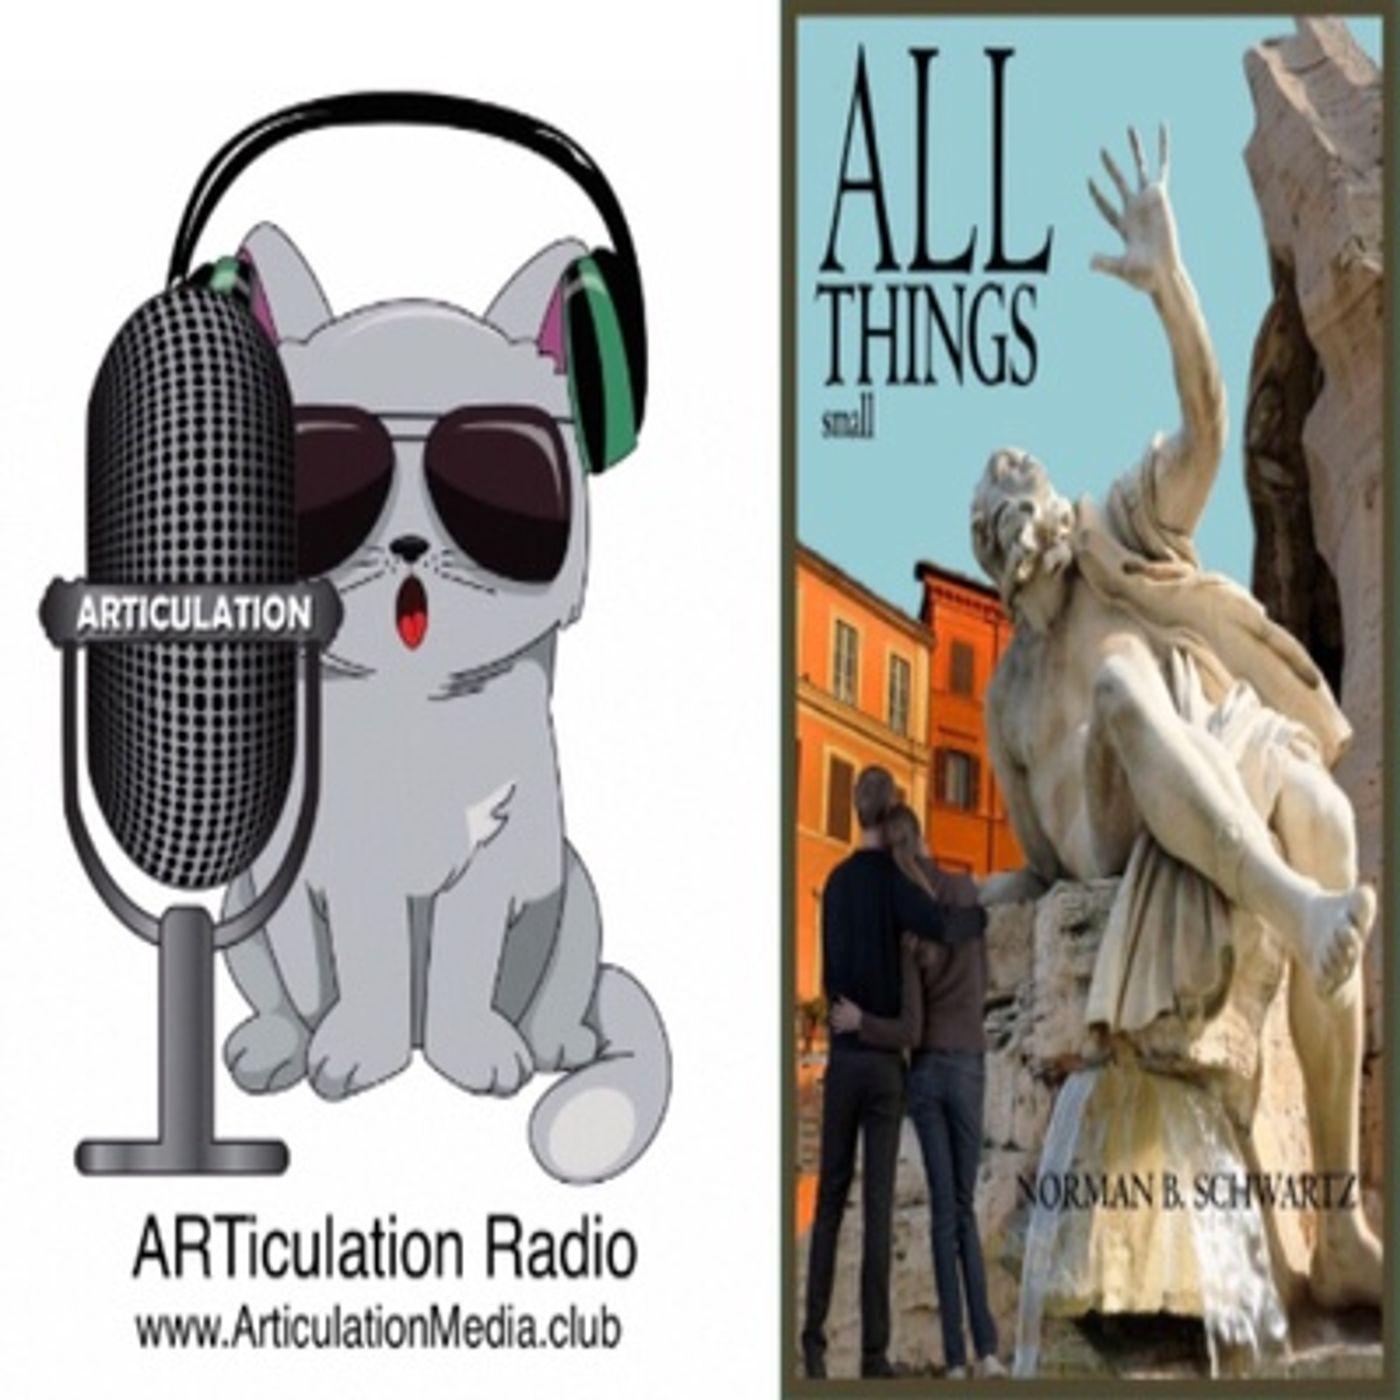 ARTiculation Radio — DIMINUTIVE YET DETERMINED (interview w/ Author Norman Schwartz)